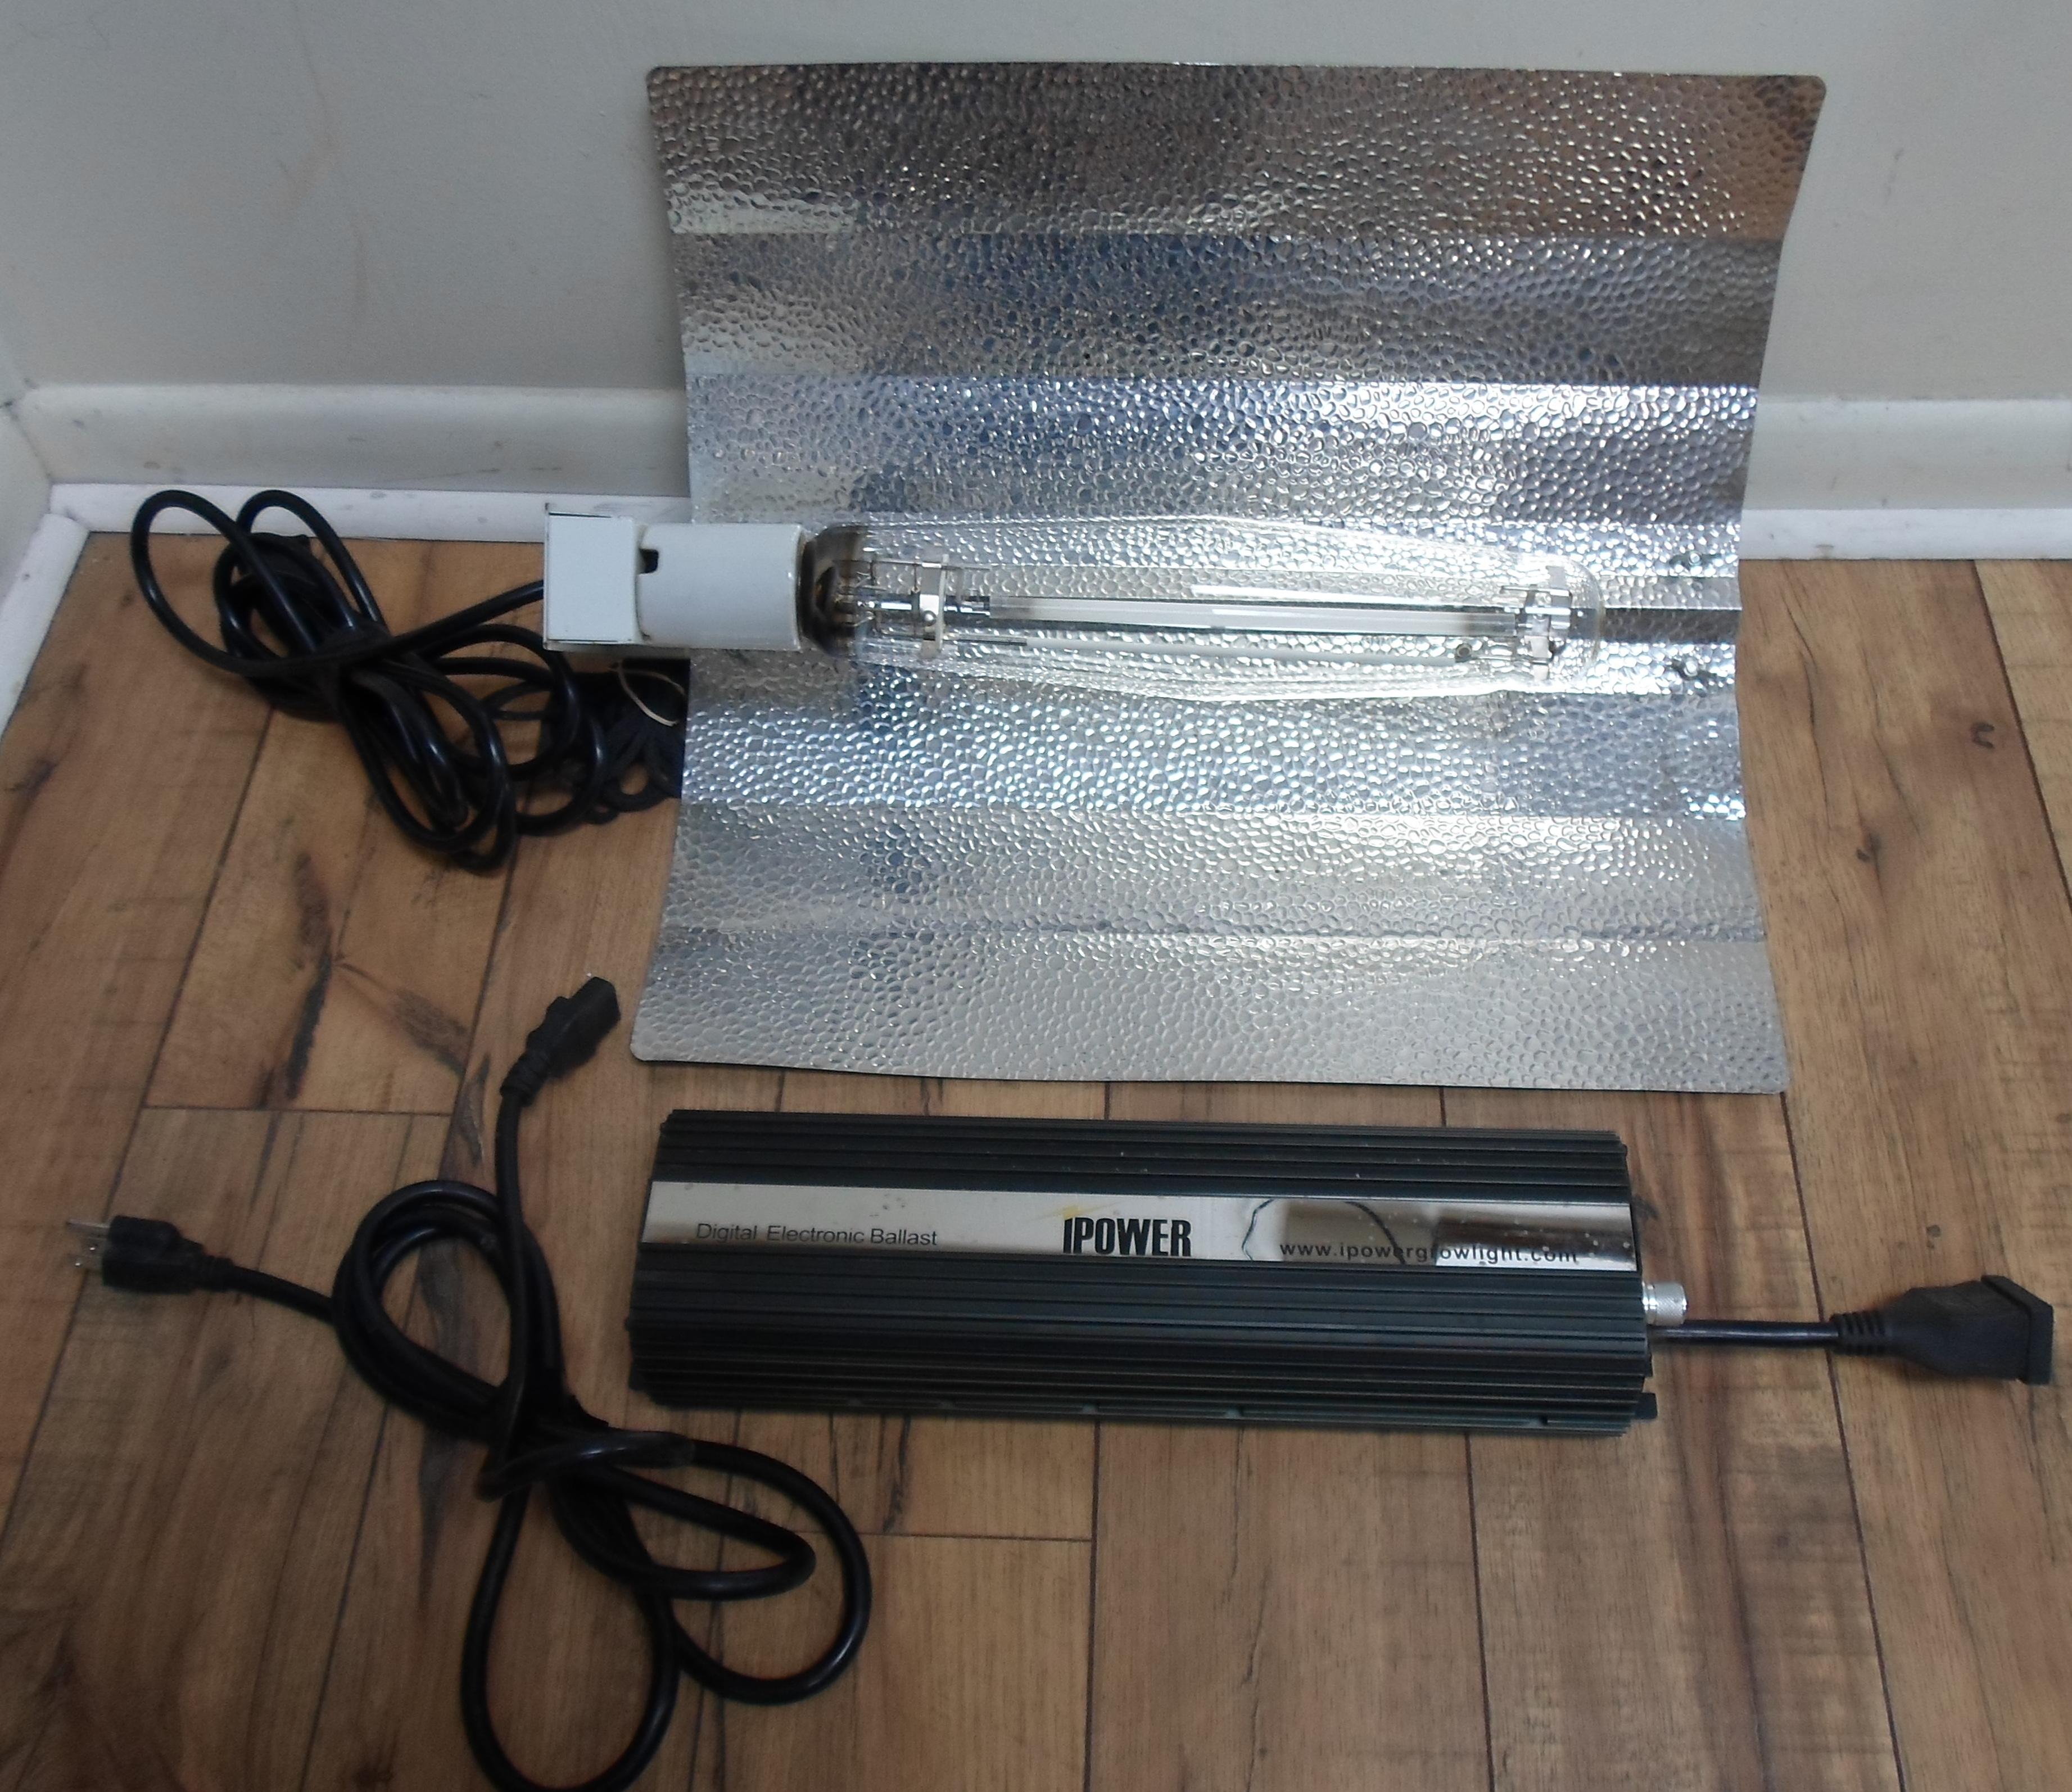 IPOWER 1000 WATT DIGITAL DIMMABLE GROW LIGHT SYSTEM